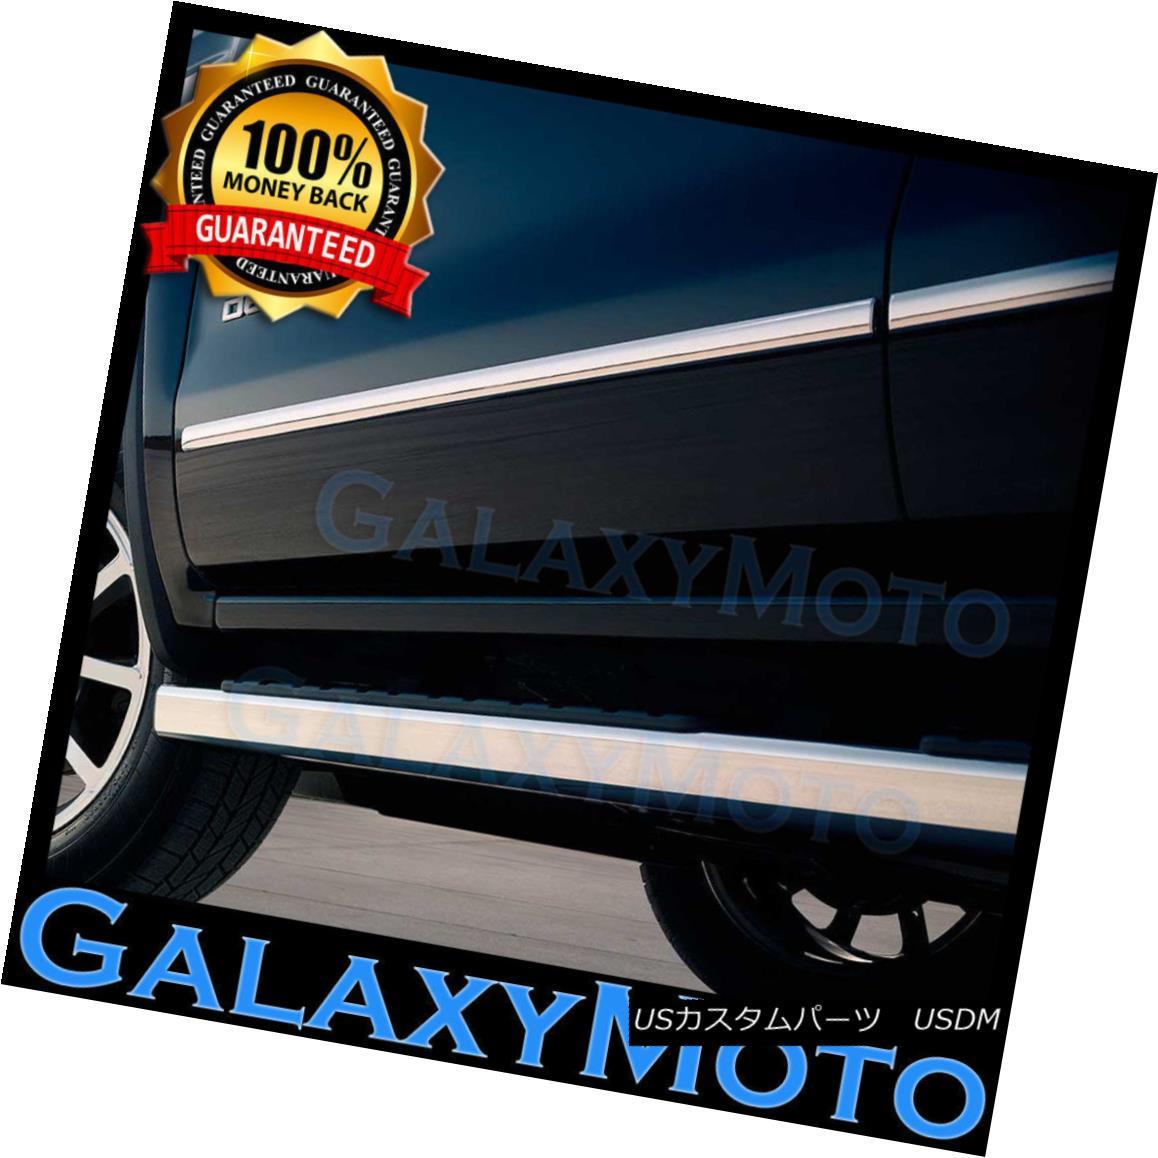 グリル 2015-2016 Ford F150 Truck 4 Door Front+Rear Chrome Trim Body Side Molding 4pcs 2015-2016フォードF150トラック4ドアフロント+リアクロムトリムボディサイドモールディング4個